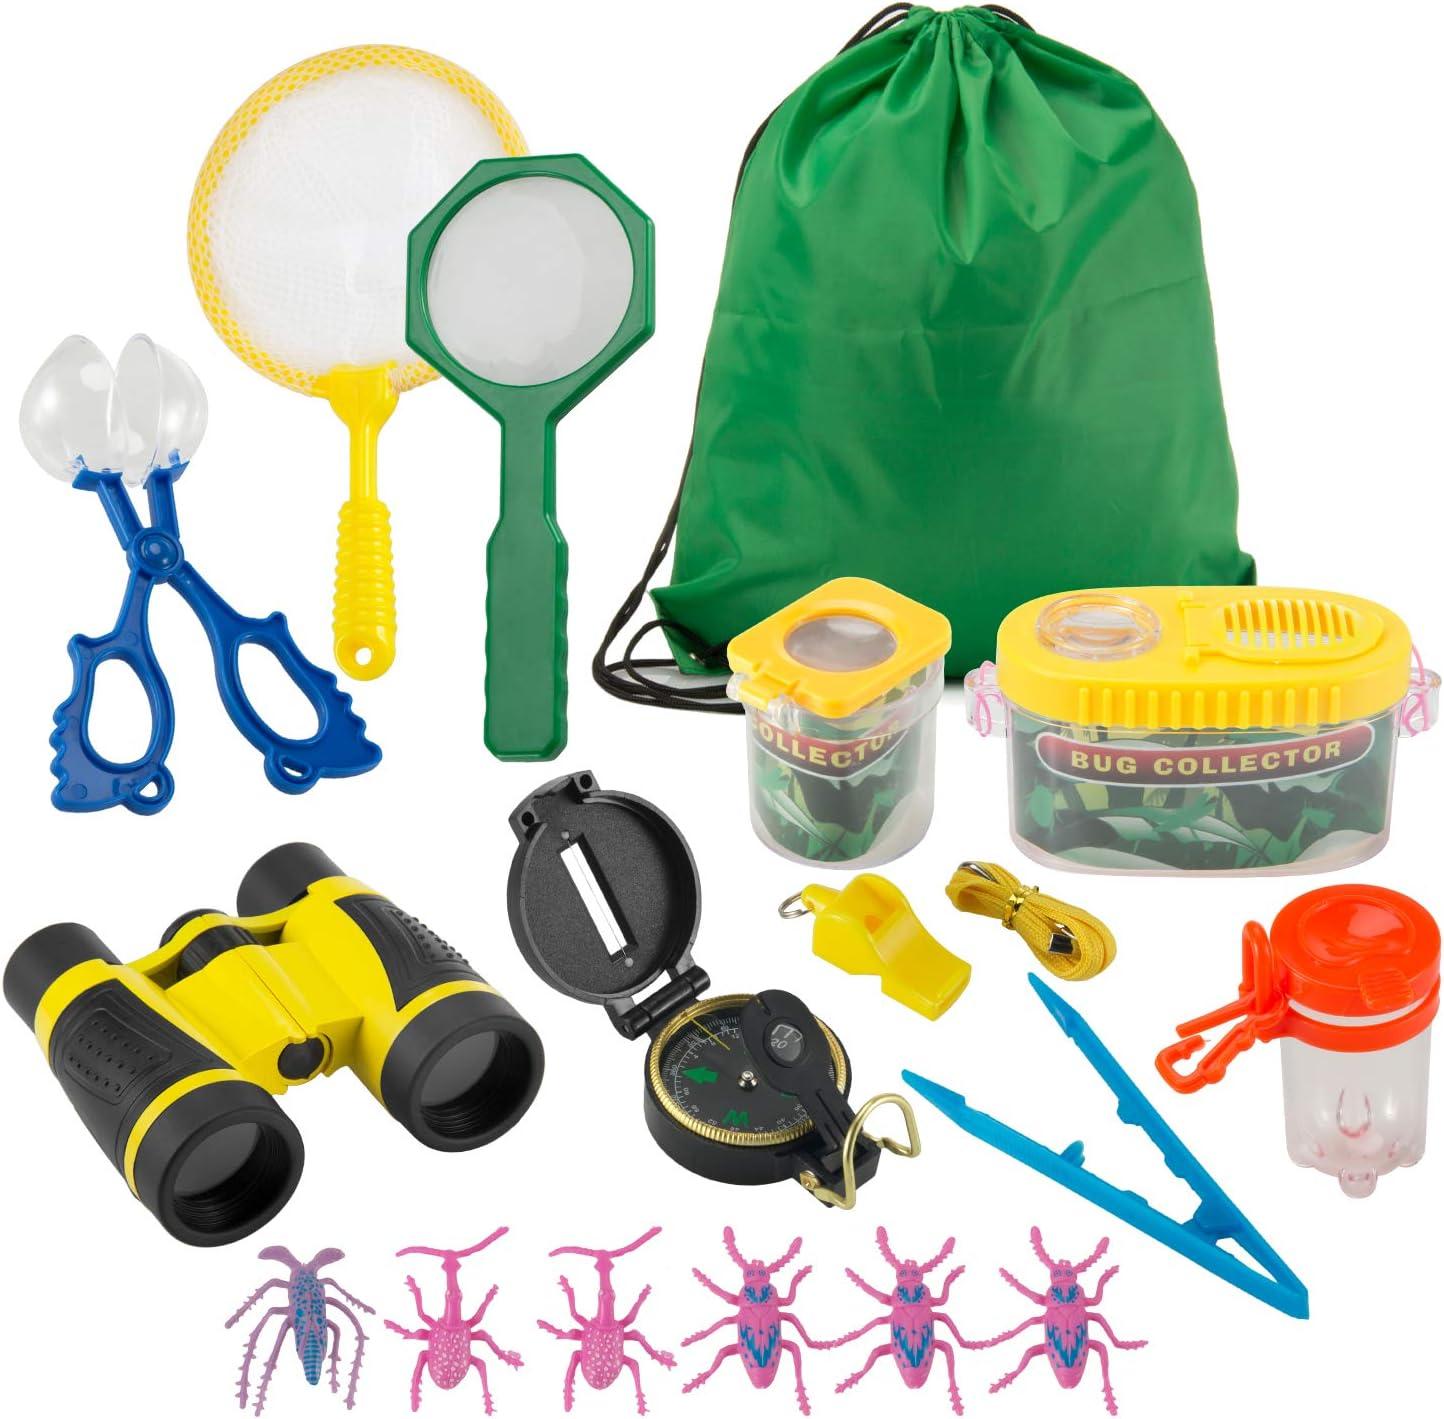 FORMIZON Kit de Exploración para Niños 17 Piezas, Outdoor Explorer Kit Regalos Juguetes, Binoculares, Silbato, Brújula, Lupa, Clip de Insectos, para Niños para Acampada y Senderismo